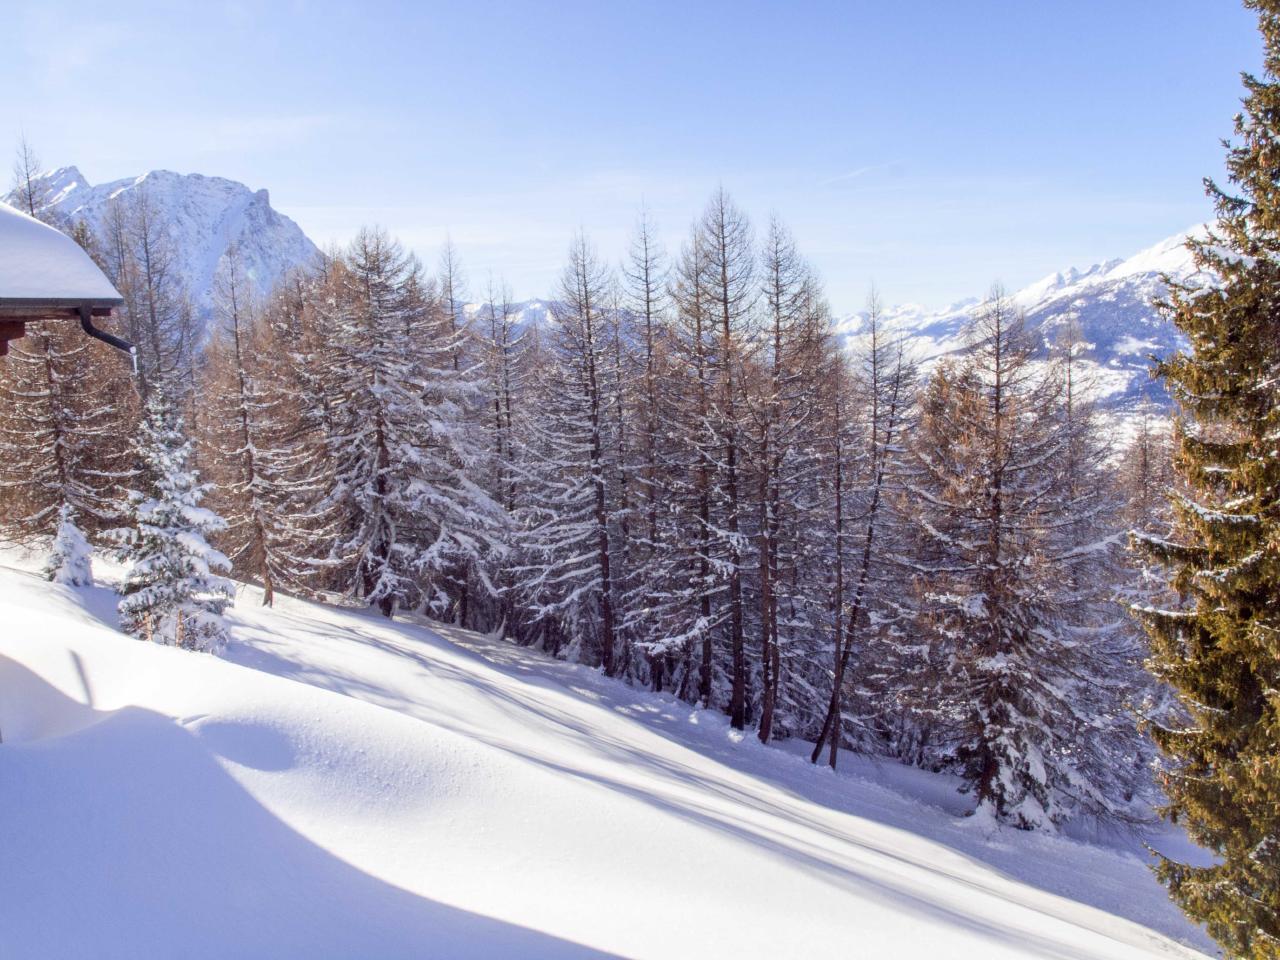 Ferienwohnung Chalet Bergfink | Ferienwohnung in den Walliser Bergen auf Rosswald (2311758), Rosswald, Brig - Simplon, Wallis, Schweiz, Bild 12